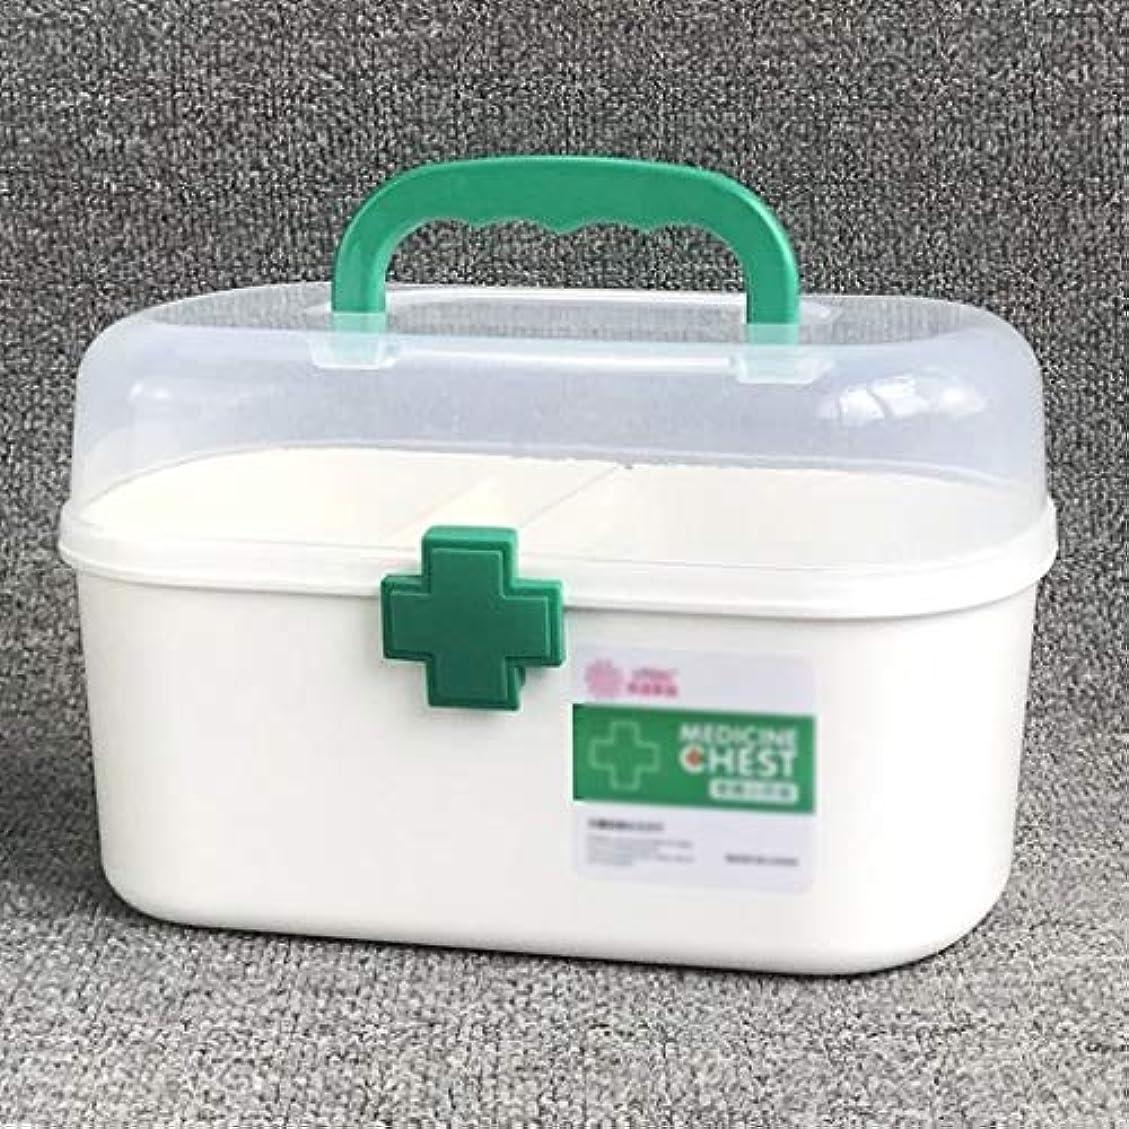 上院無実愛薬のケース家庭用ポータブル緊急医療キット多機能大容量収納ボックス付きロックバックルトップ透明デザイン SYFO (Color : Green)